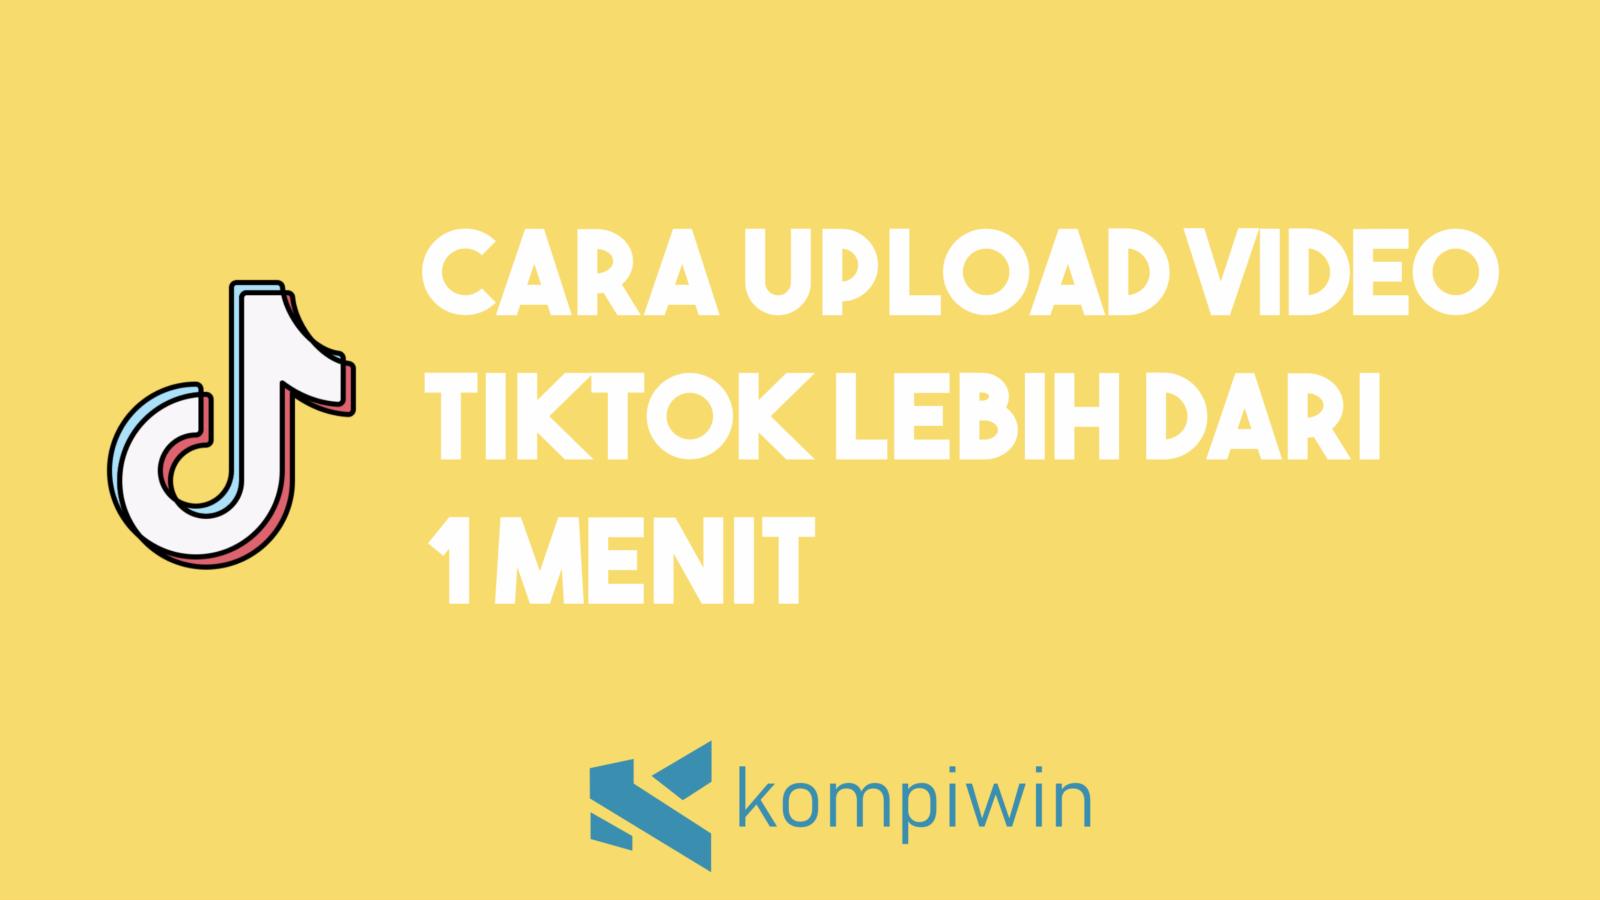 Cara Upload Video Tiktok Lebih Dari 1 Menit 1